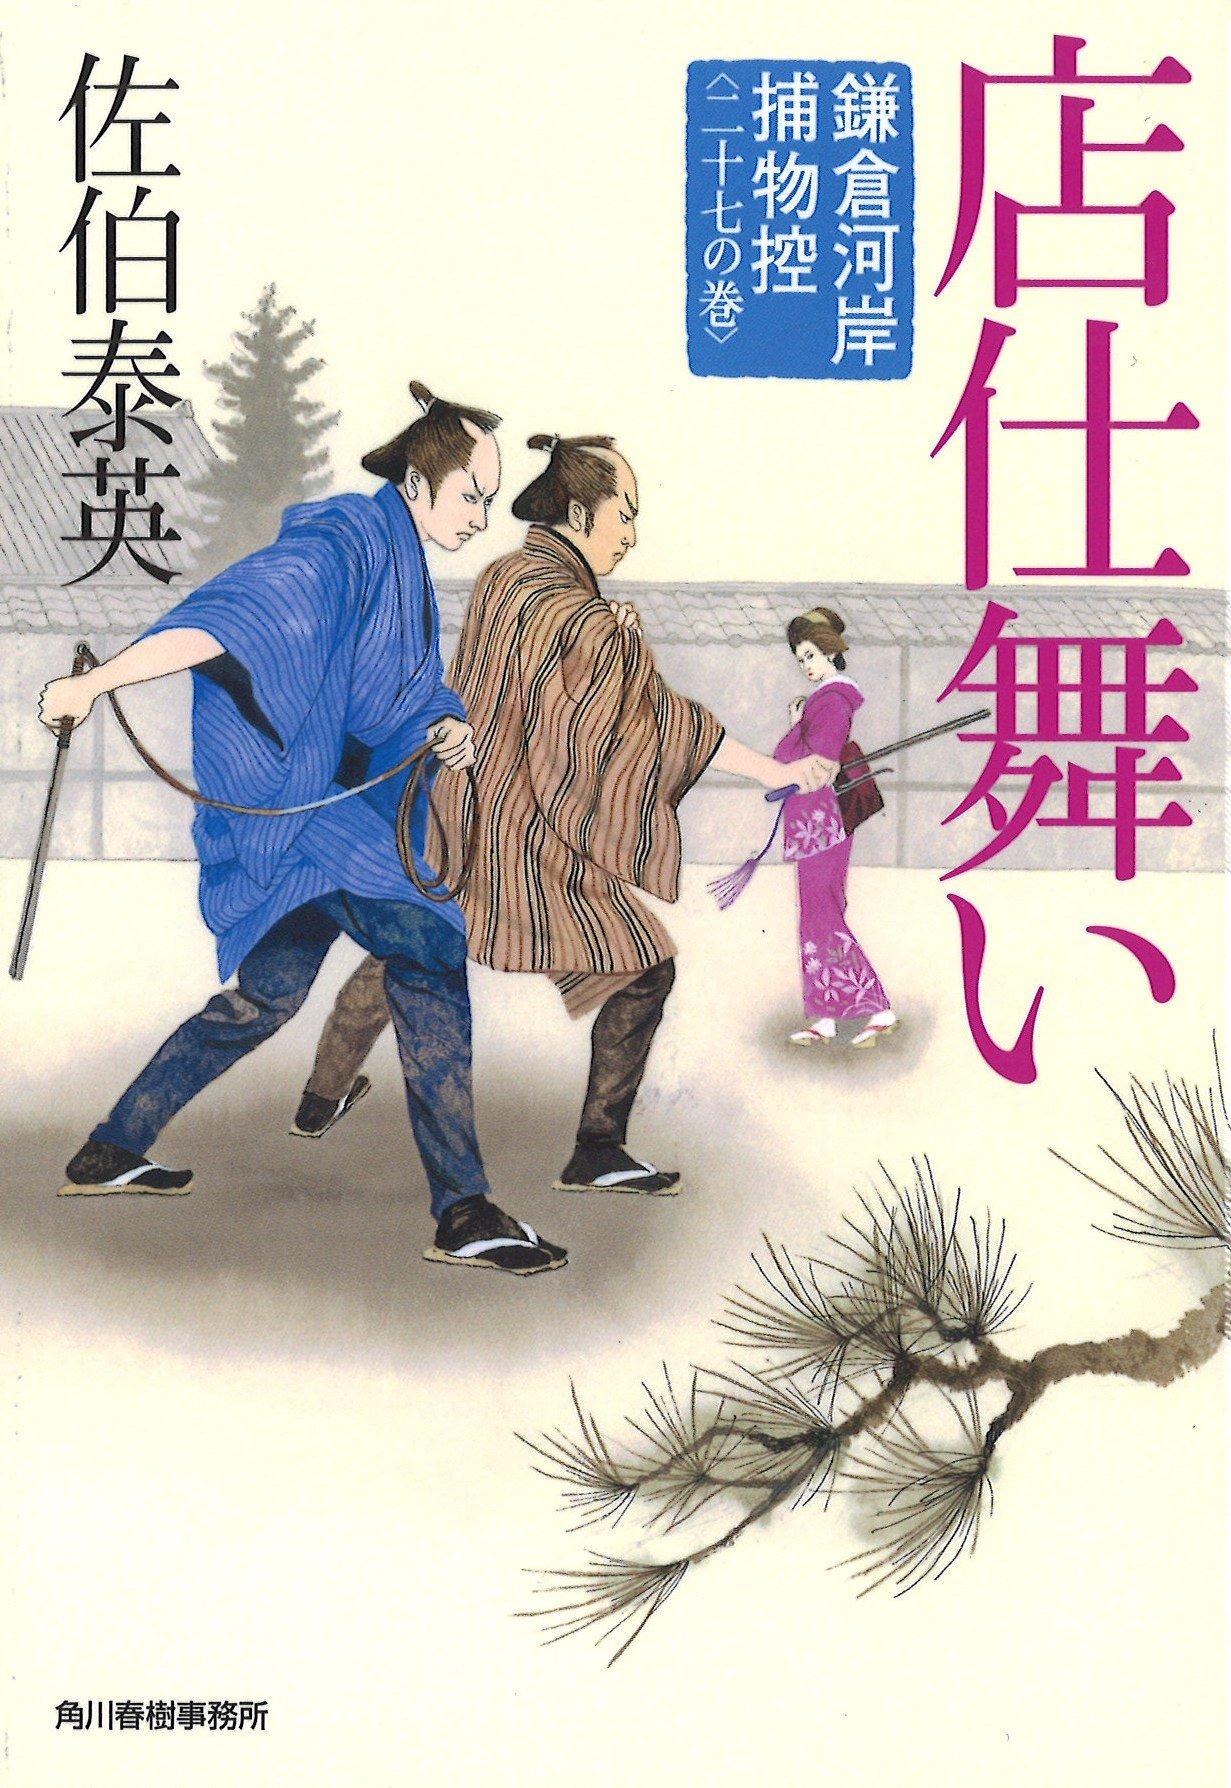 店仕舞い 鎌倉河岸捕物控(二十七...